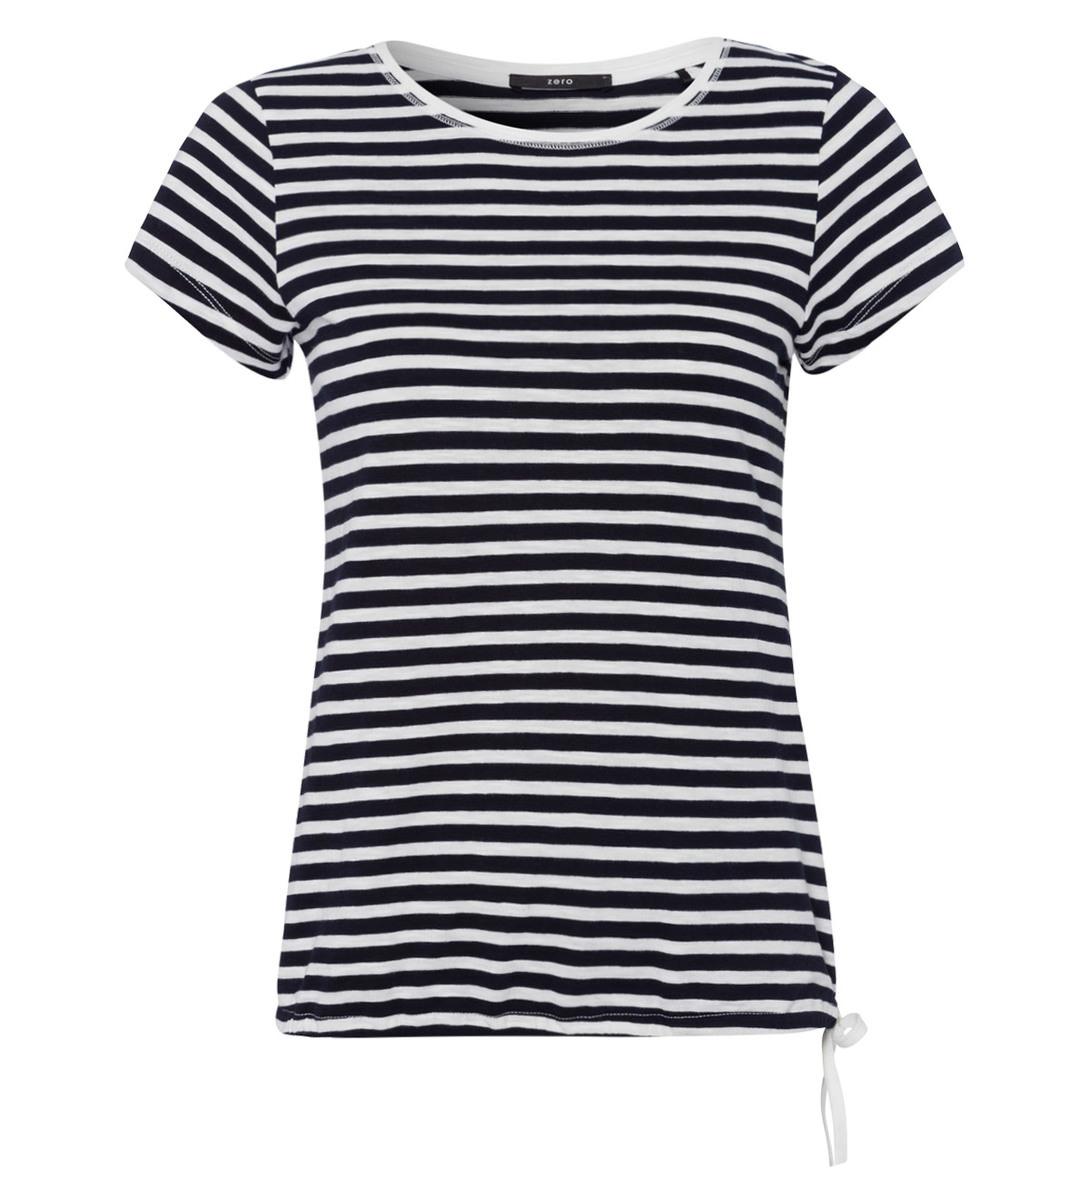 160a3290cd62 T-Shirt mit Streifen in blue black